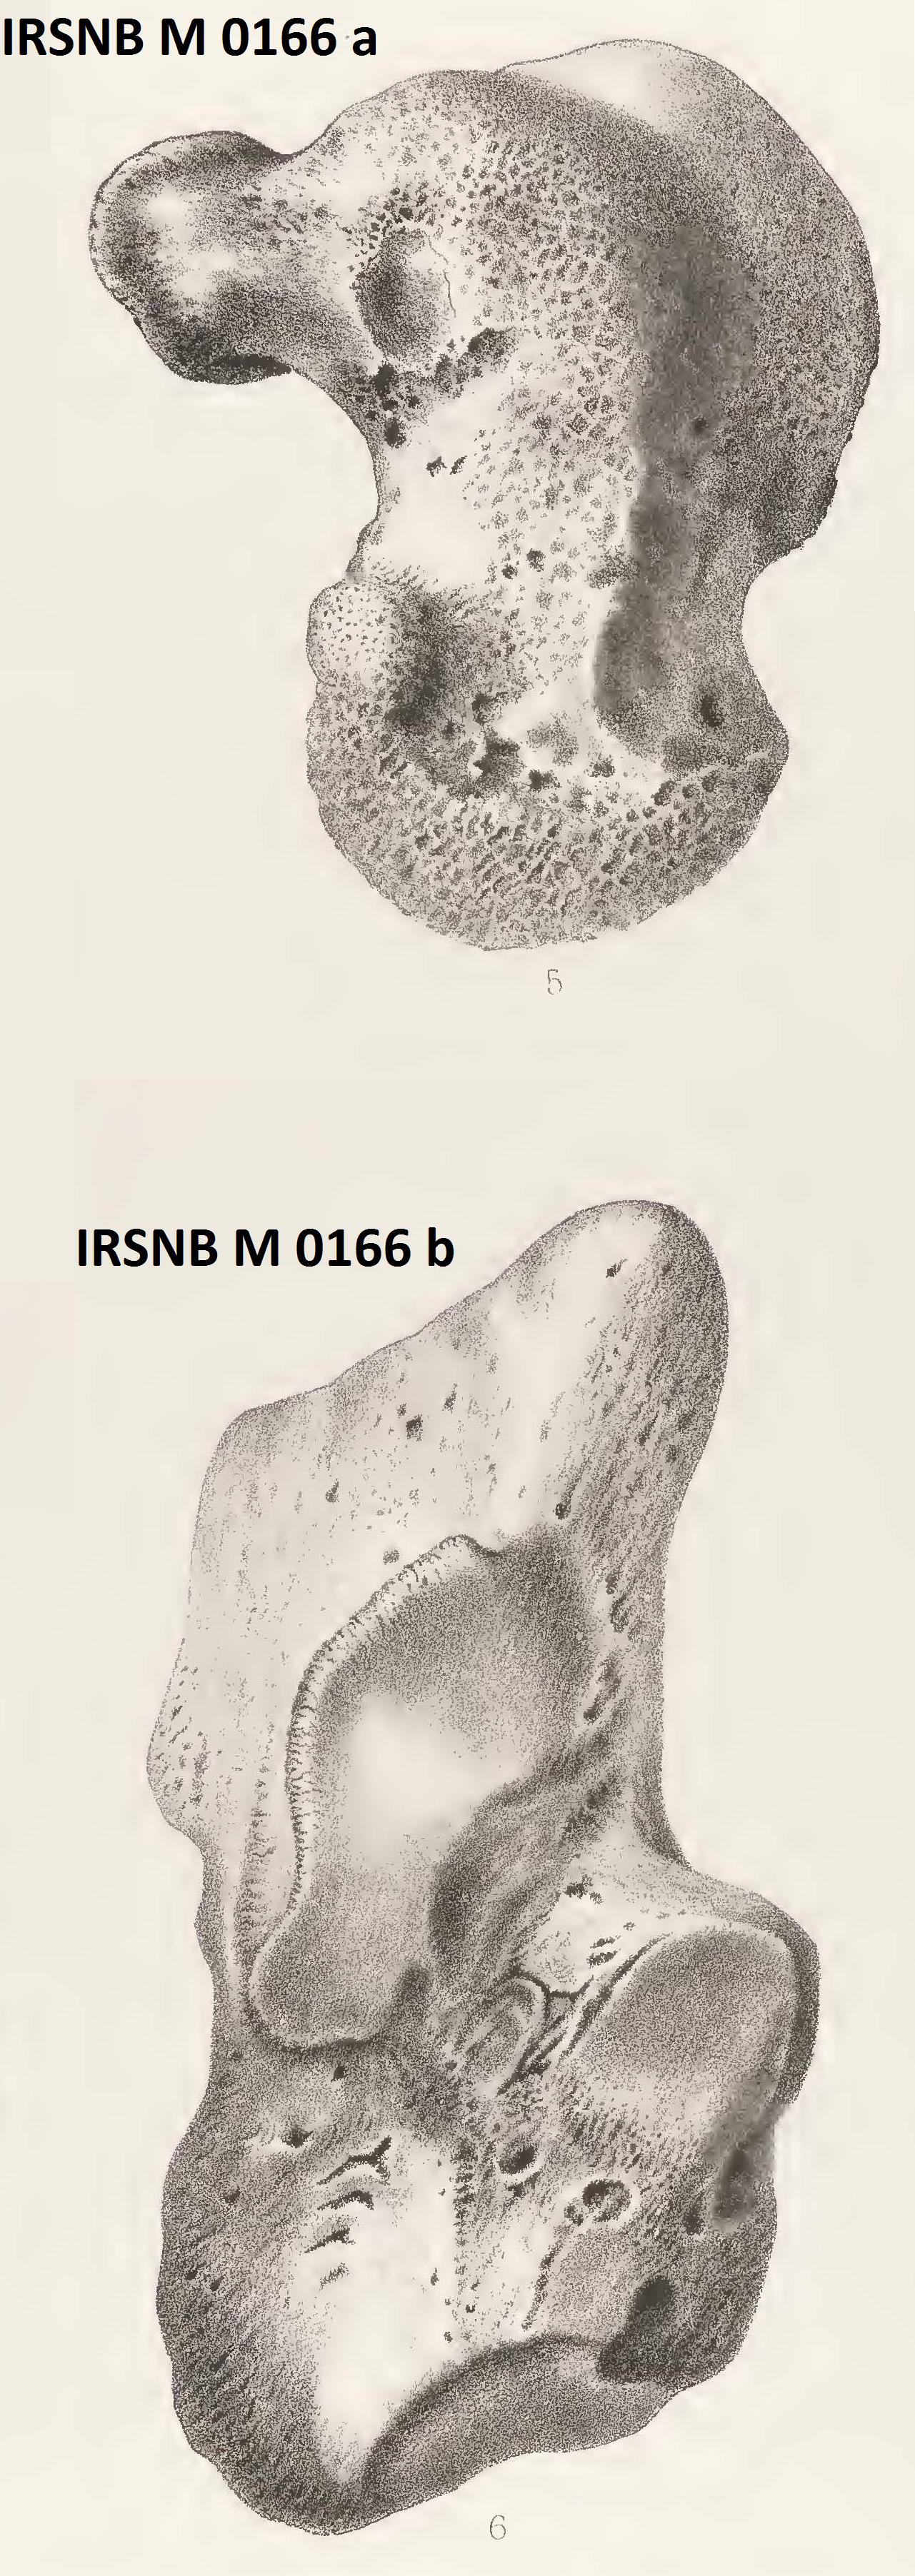 IRSNB M 0166a-b publi